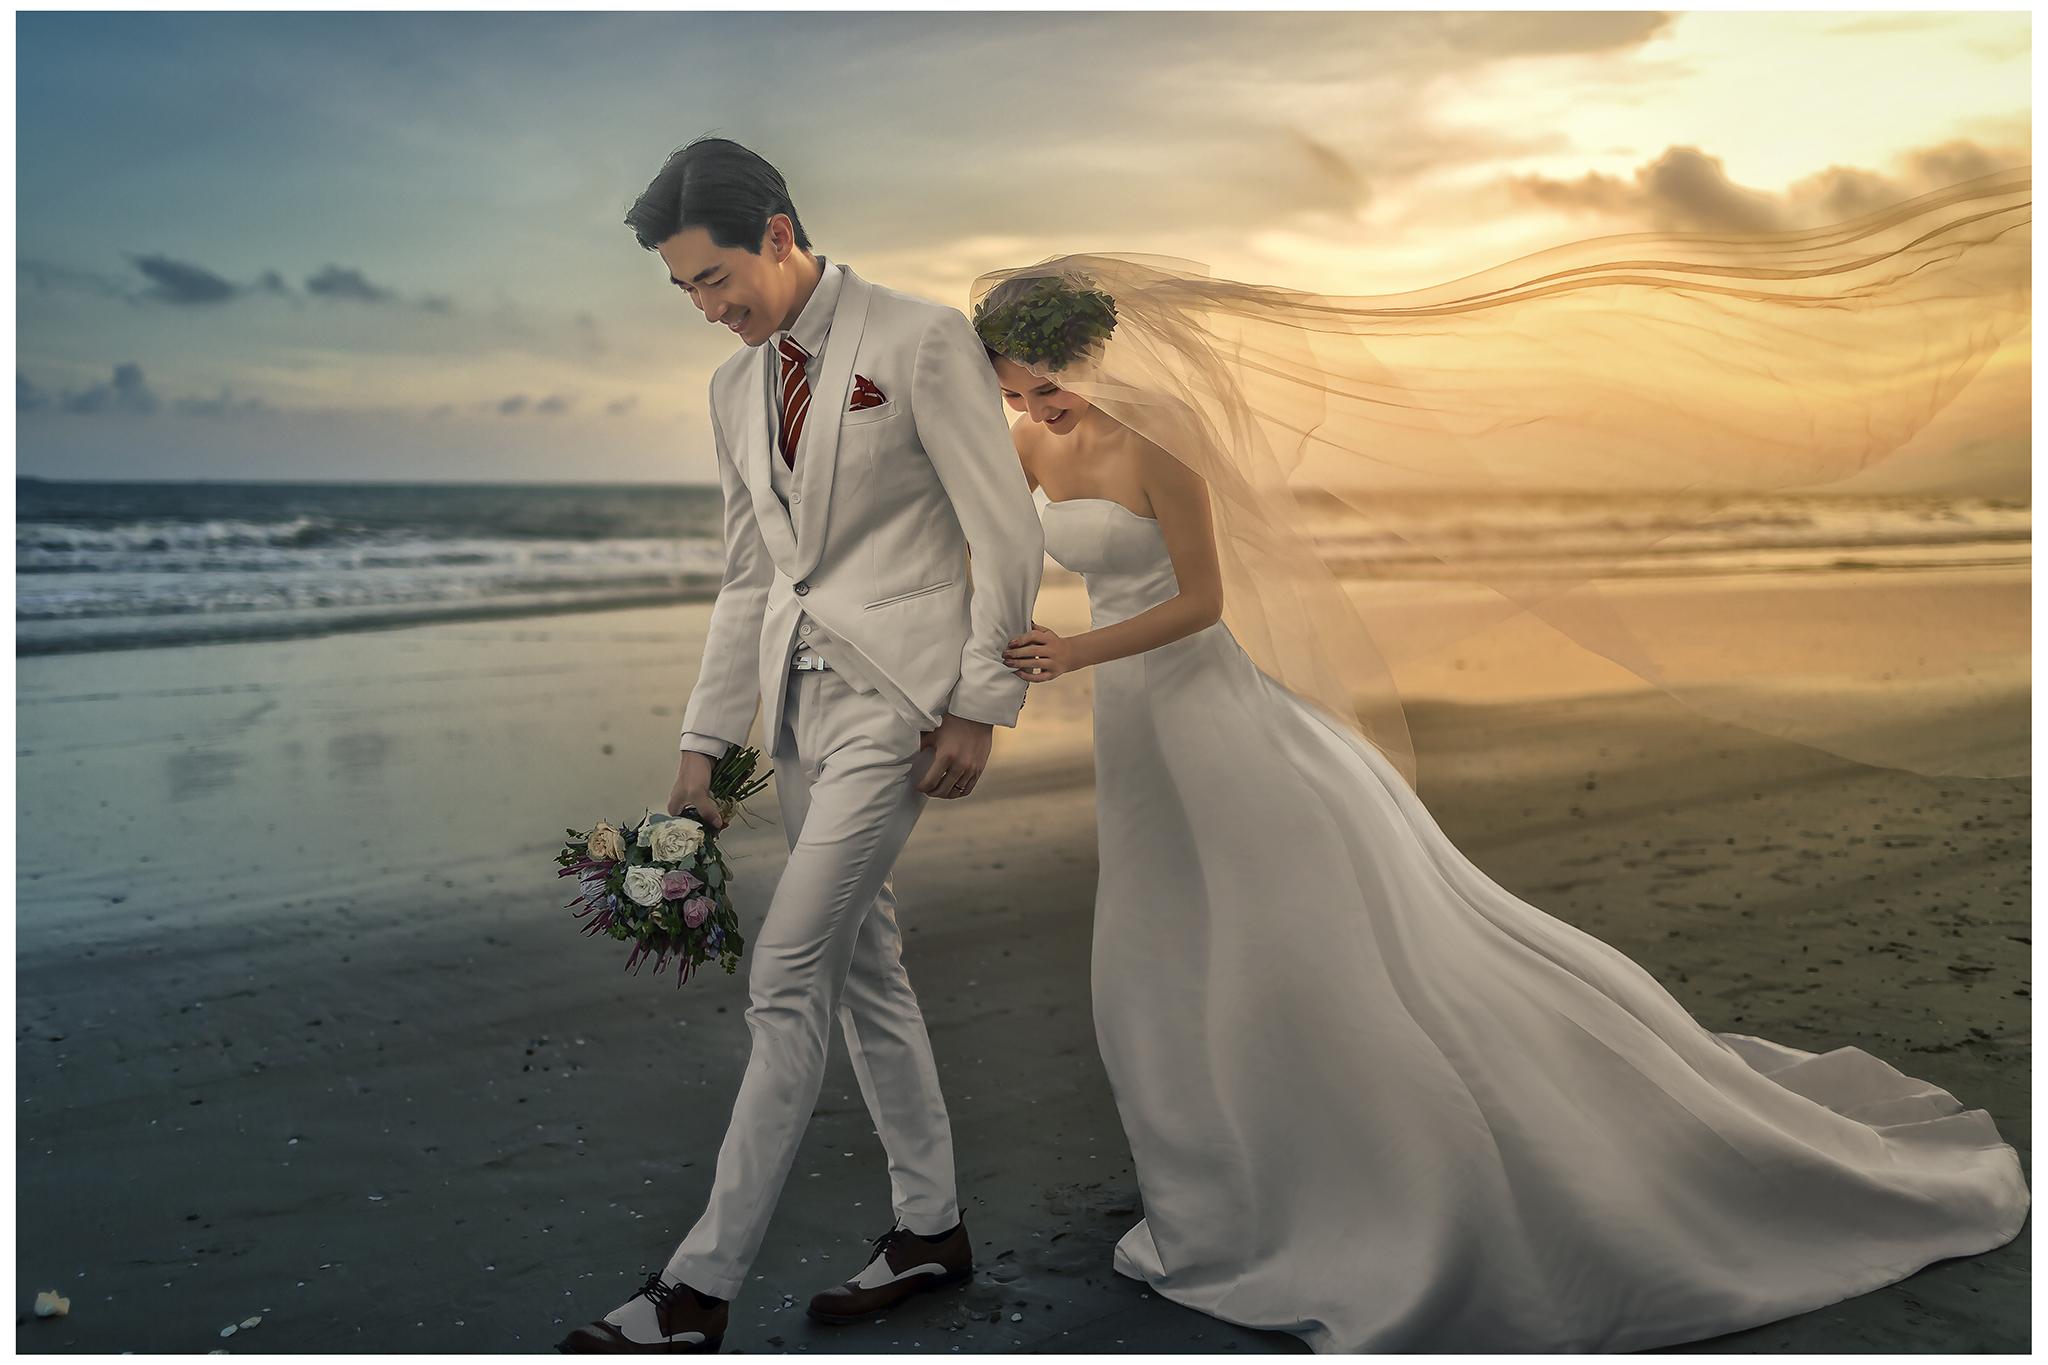 Chọn studio ảnh cưới Đà Nẵng không nên đặt nặng vấn đề kinh tế